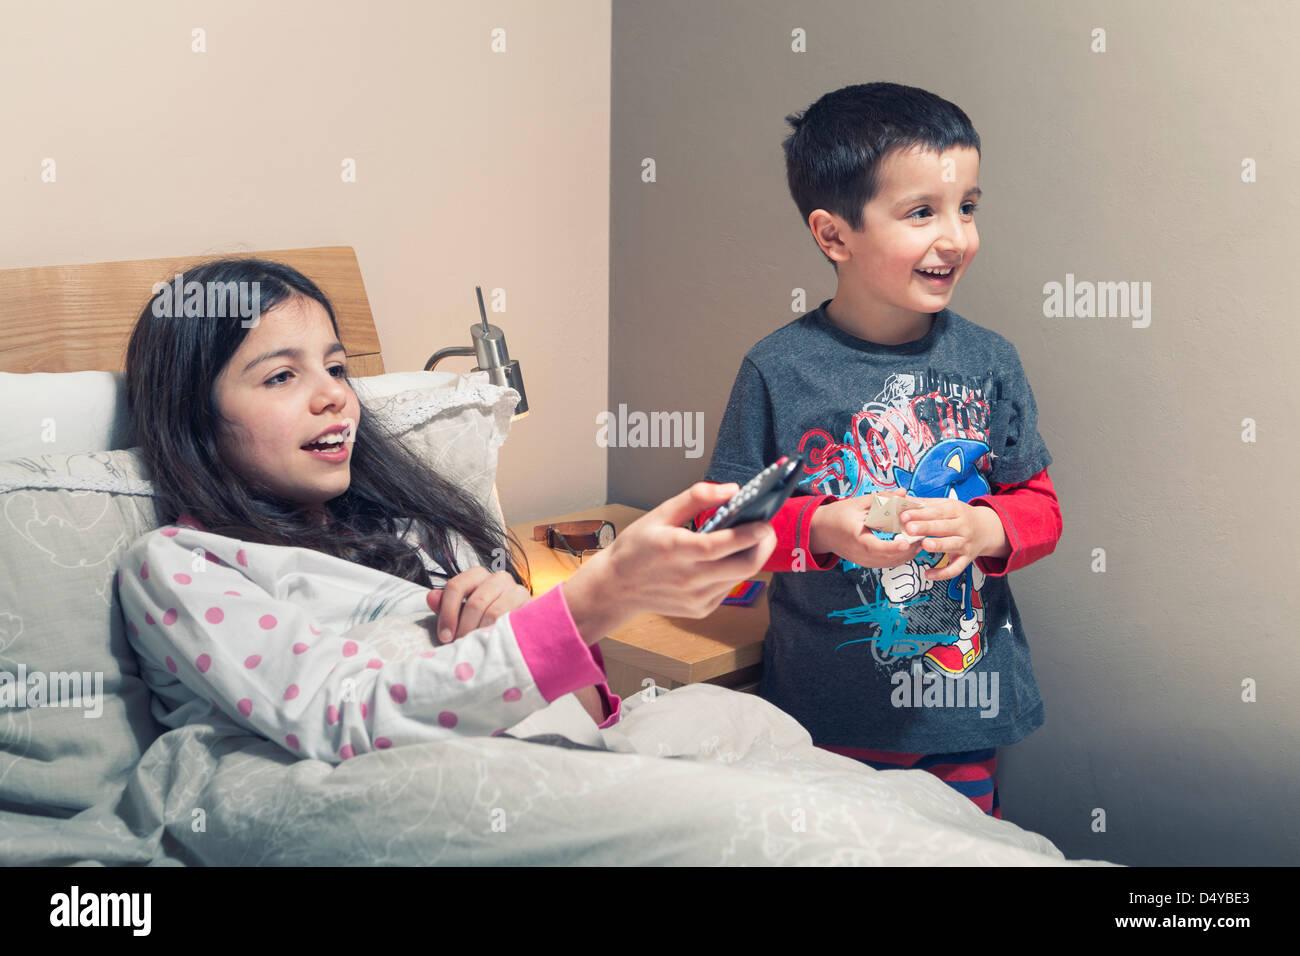 Children watch TV in bed - Stock Image